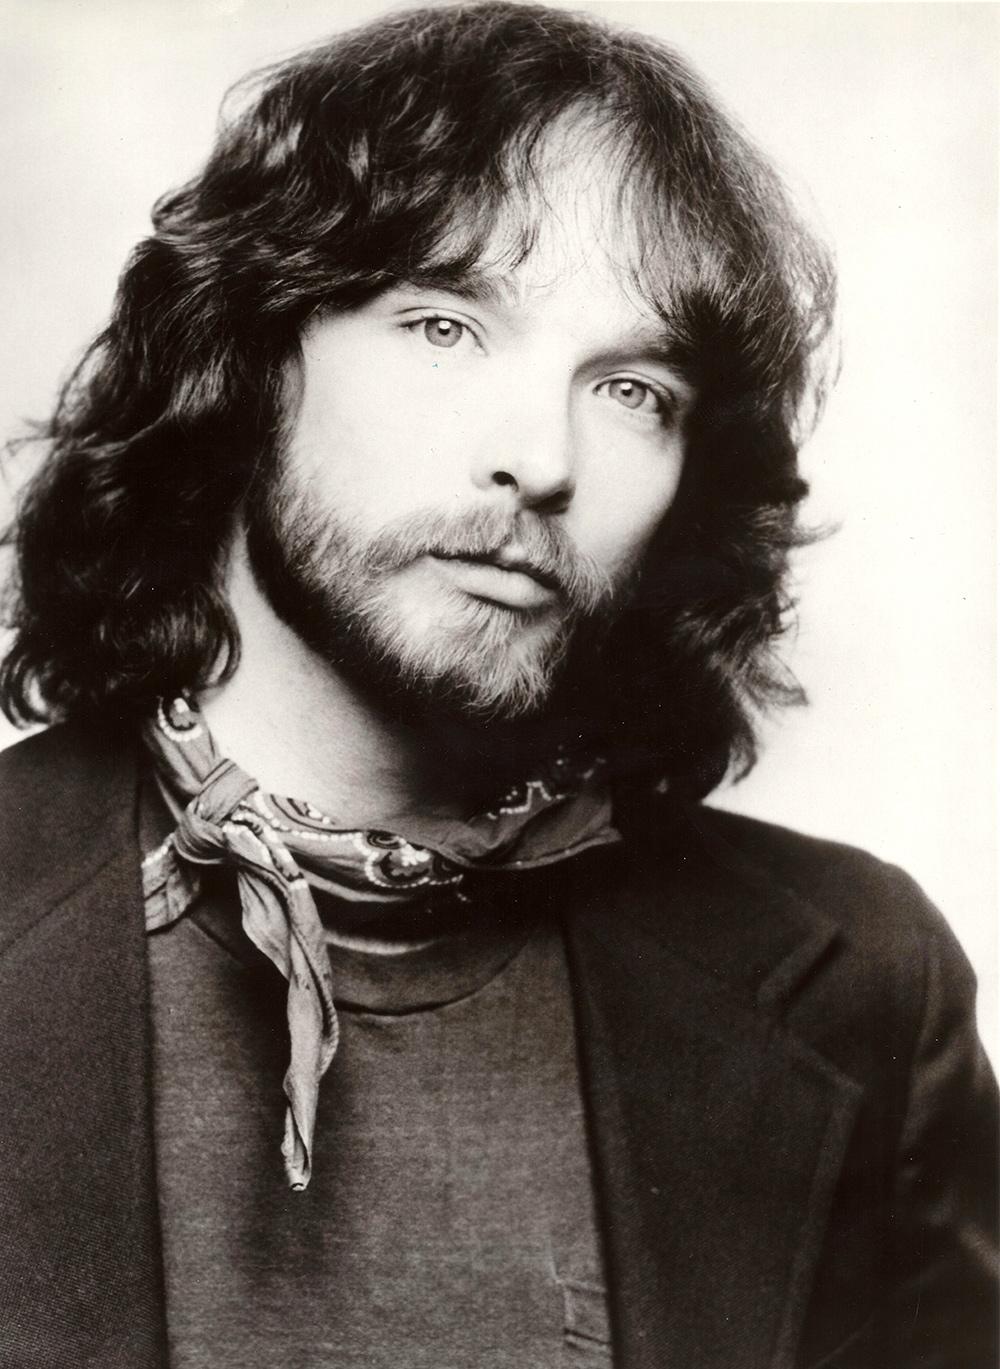 Photo Beth Bischoff/1979